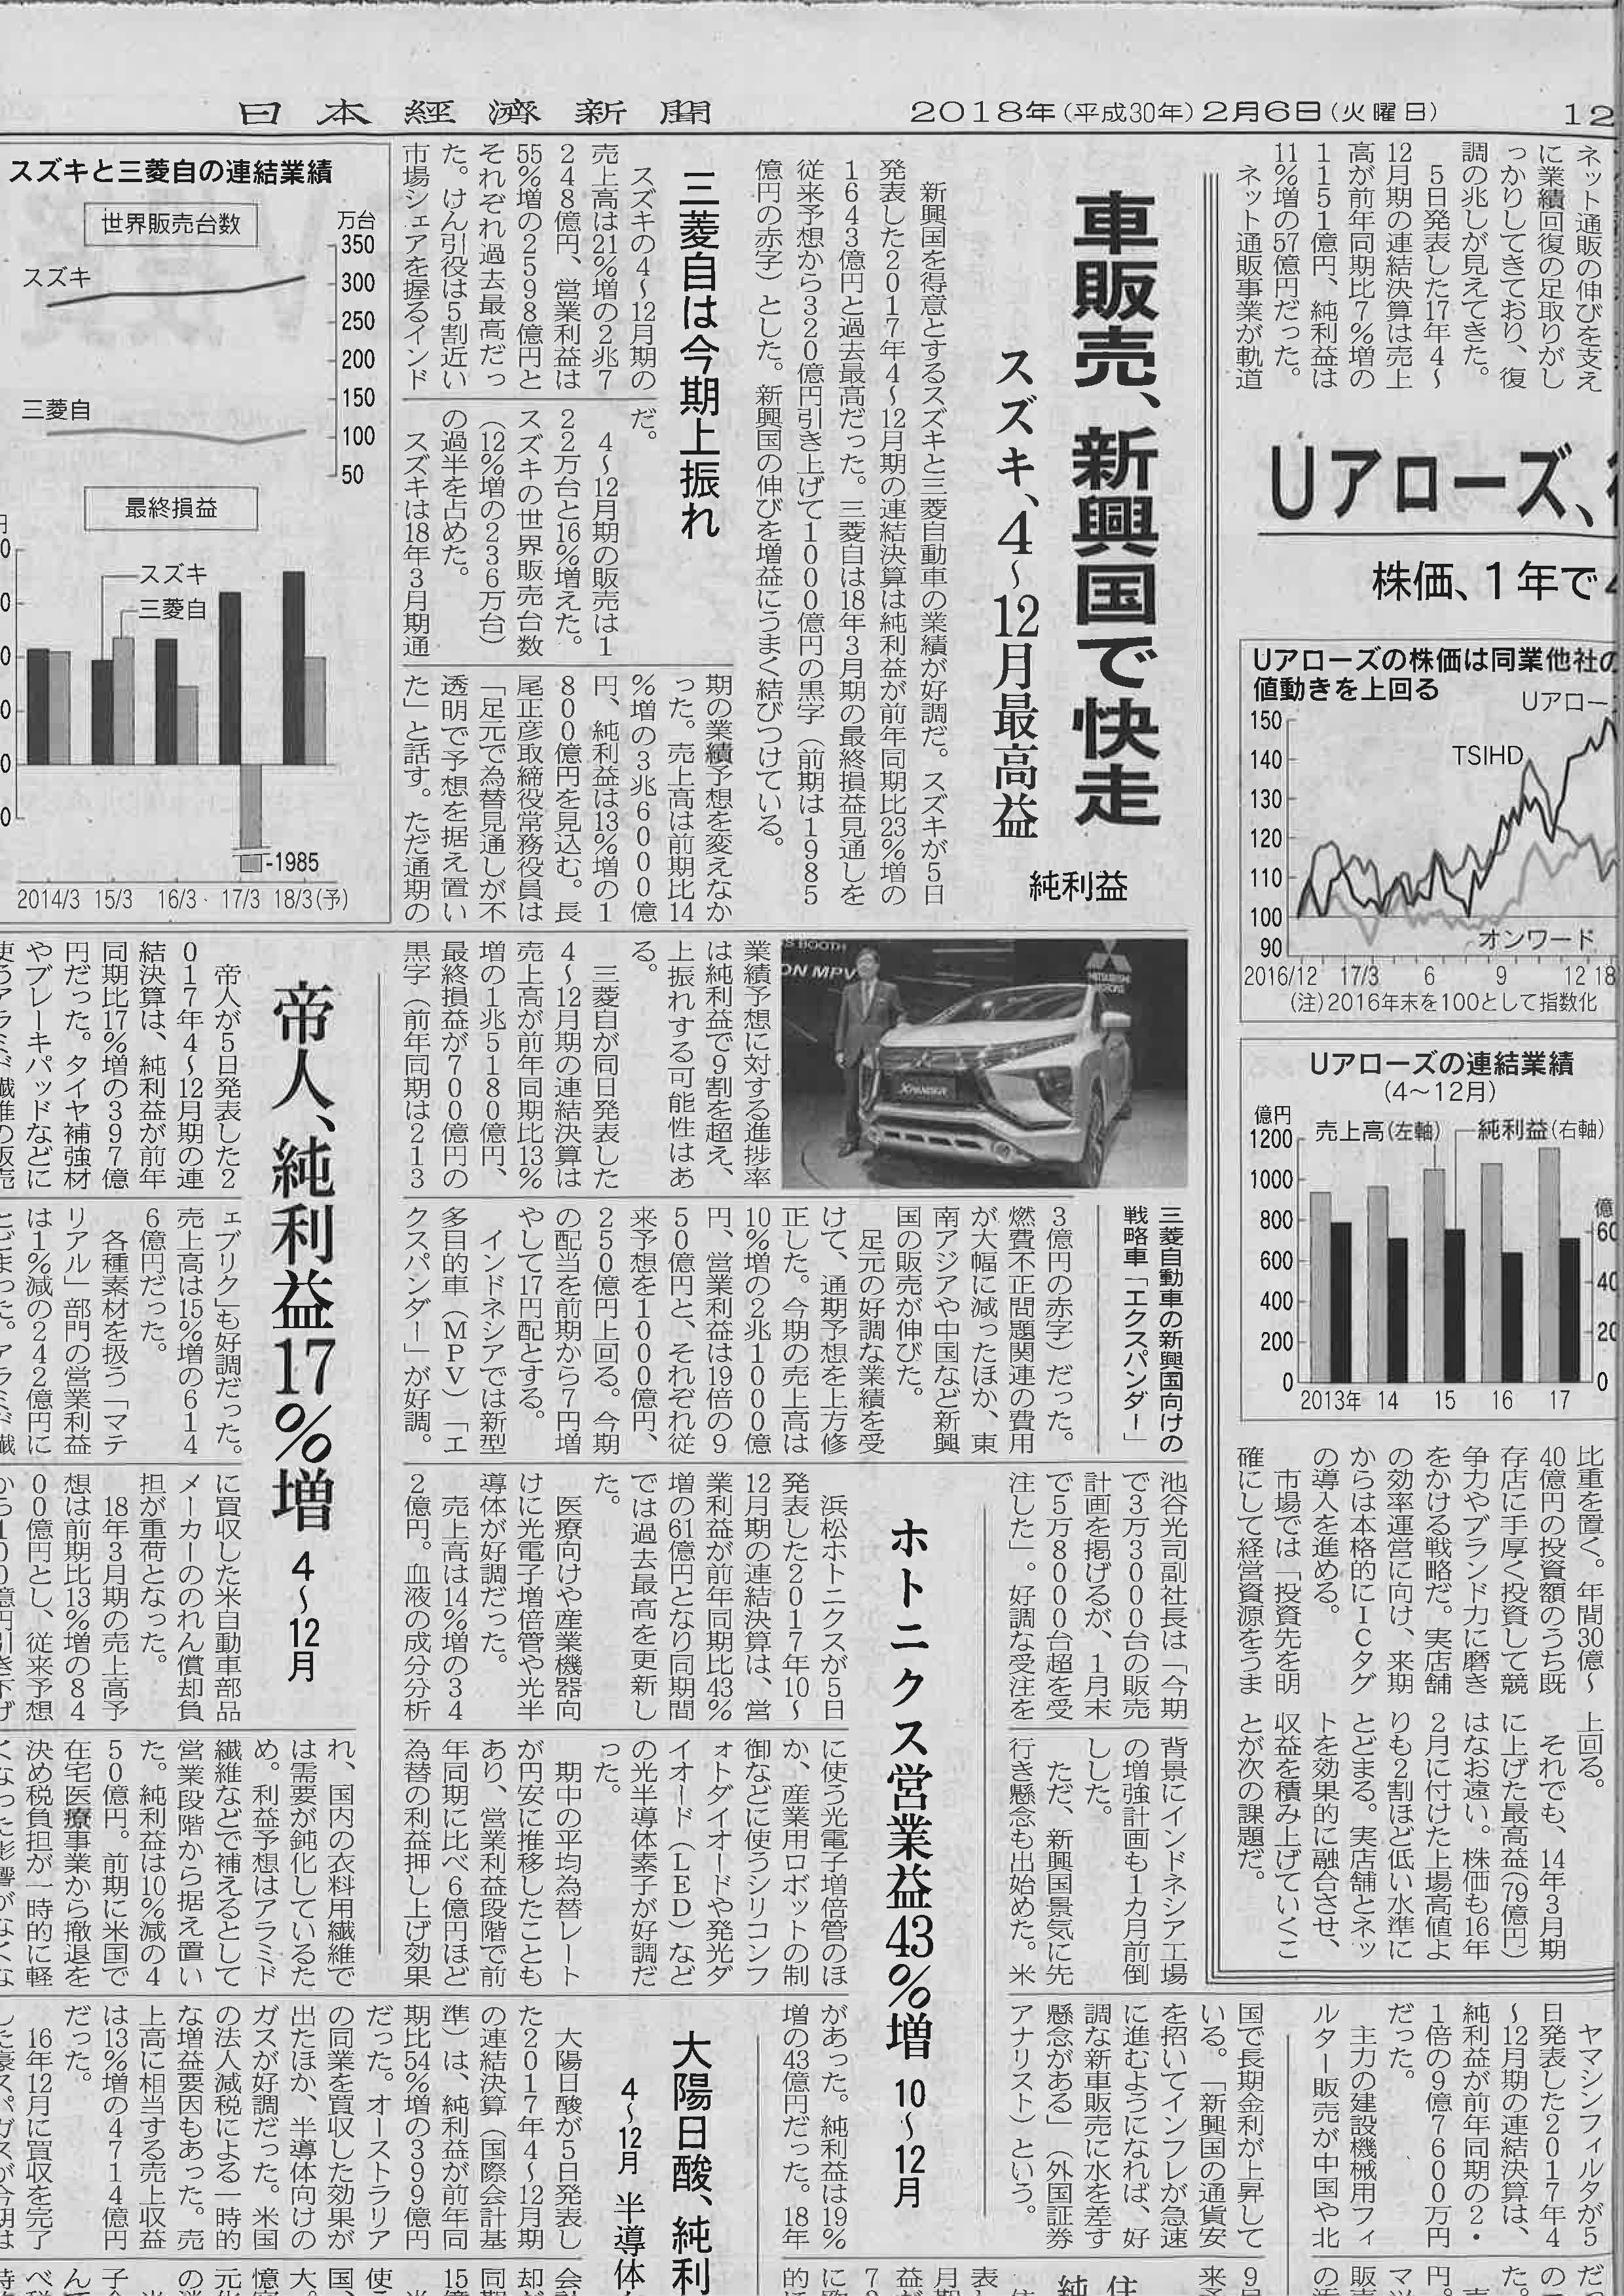 日経本紙 三菱好業績 上振れ